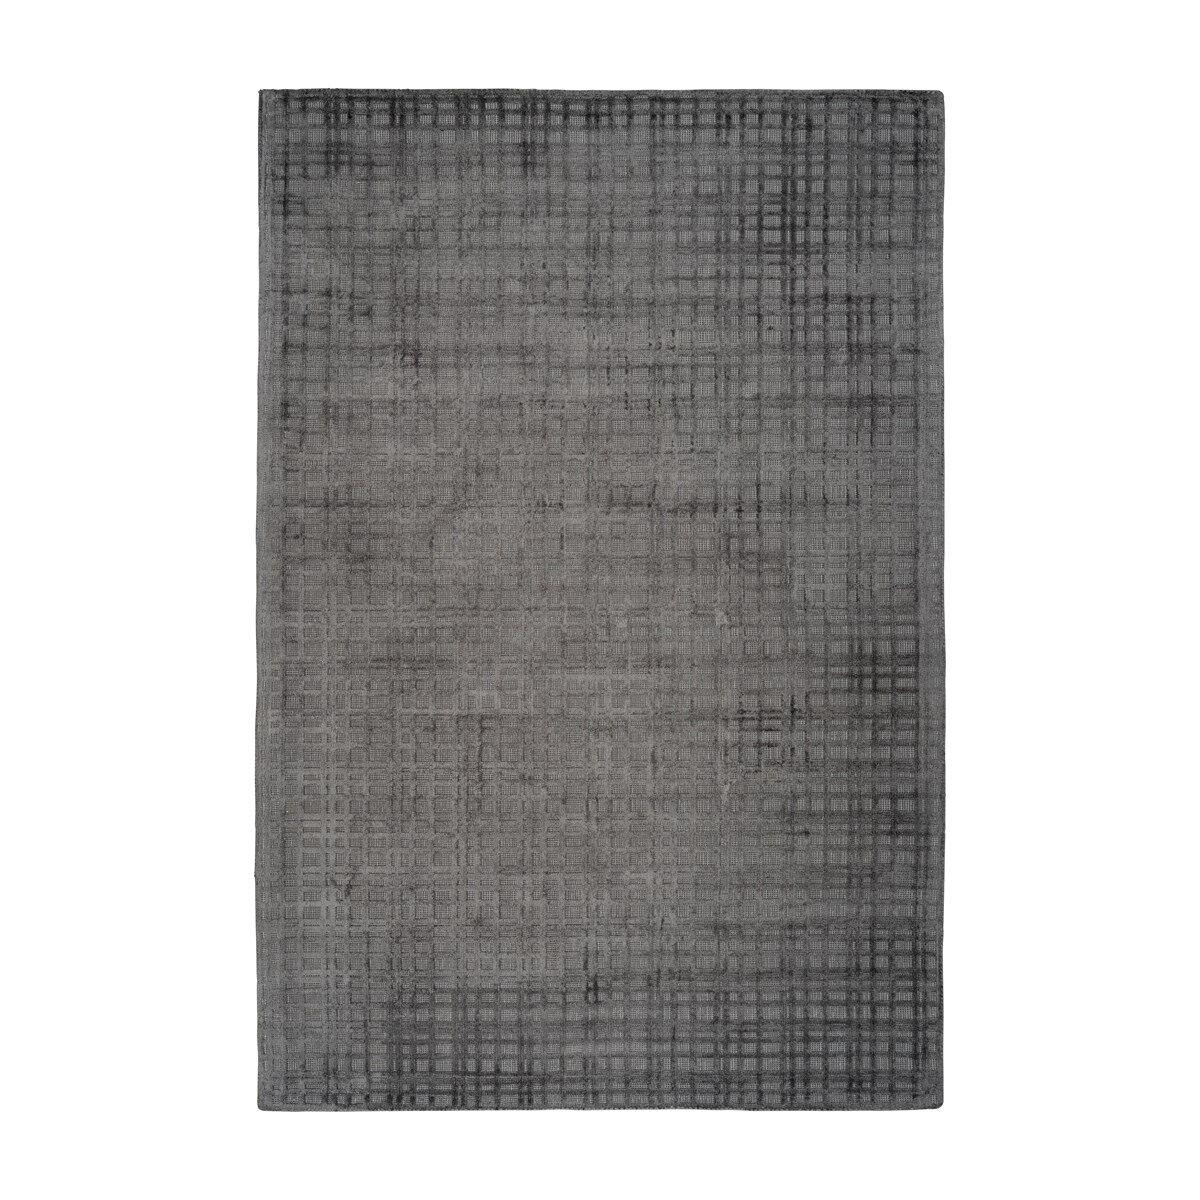 Novatrend Tapis moderne fait main en Viscose Gris anthracite 80x150 cm